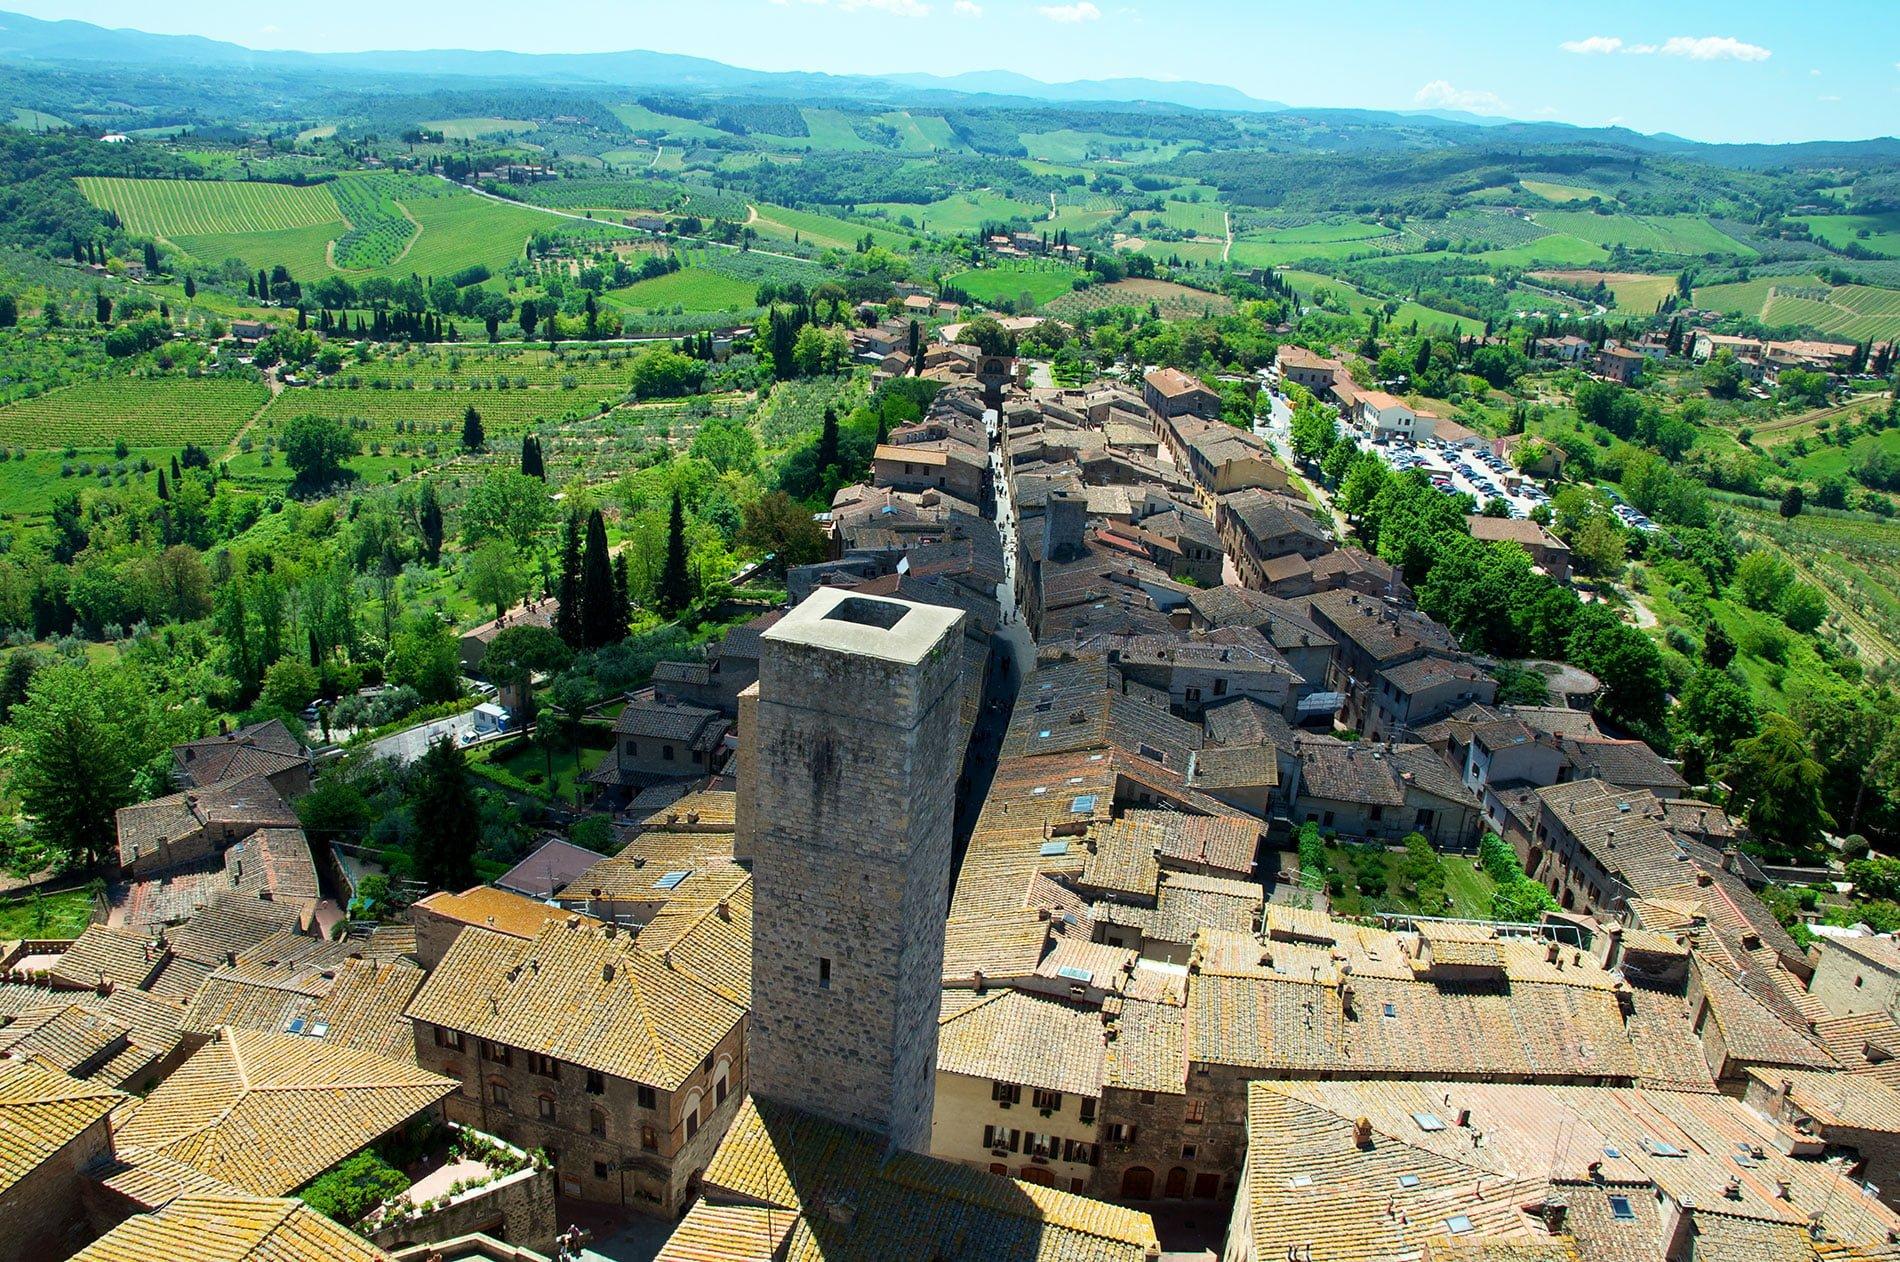 Italie : Sienne, San Gimignano et la région du Chianti // clichés